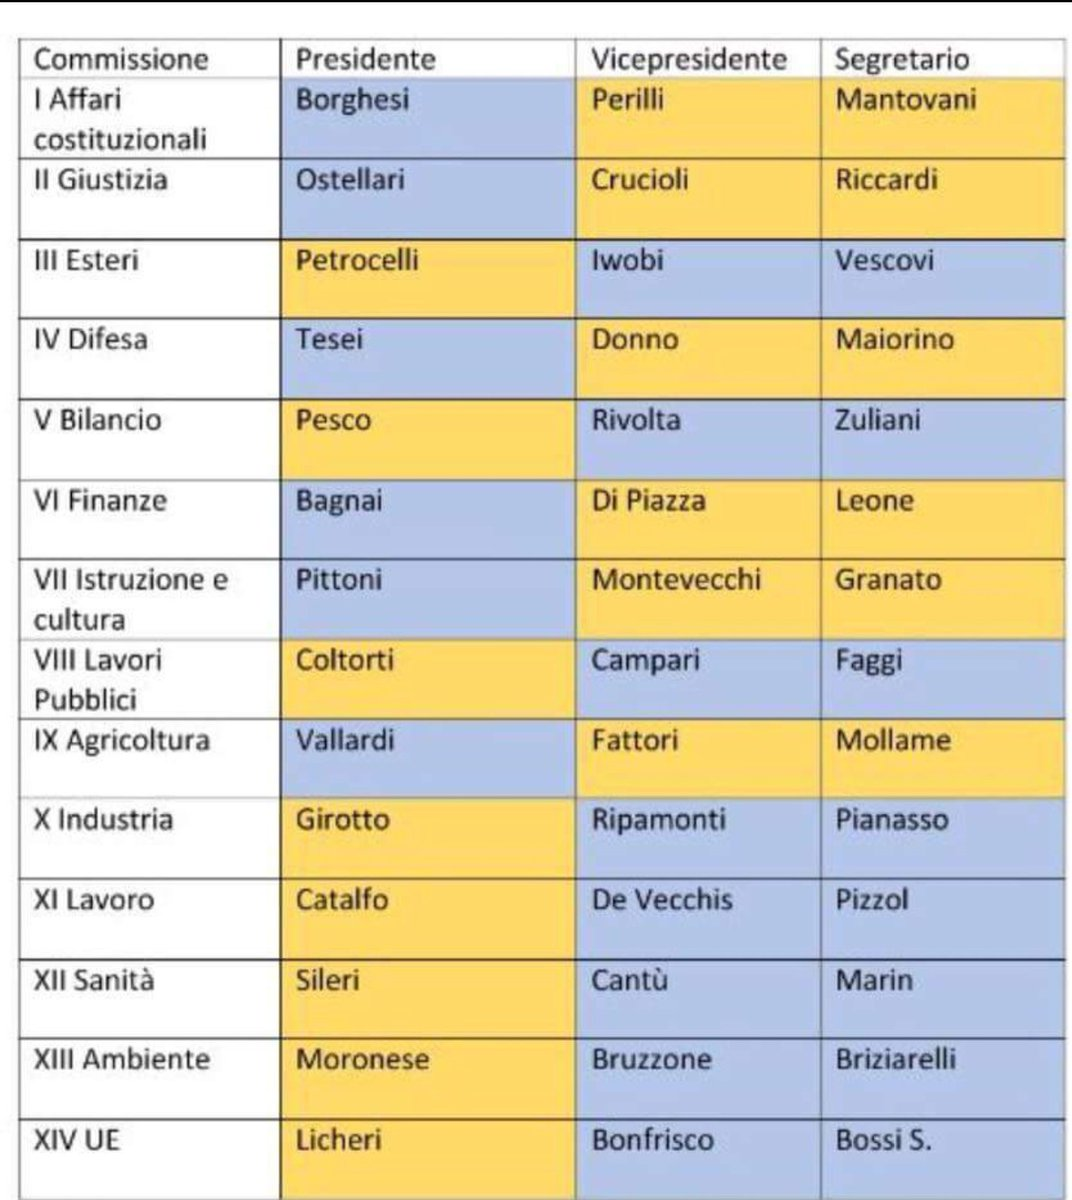 Auguroni ai nuovi presidenti, vicepresidenti e segretari delle Commissioni di @M5S_Senato e @M5S_CameraBuon lavoro !#ottoemezzo#Piazzapulita #portaaporta  - Ukustom